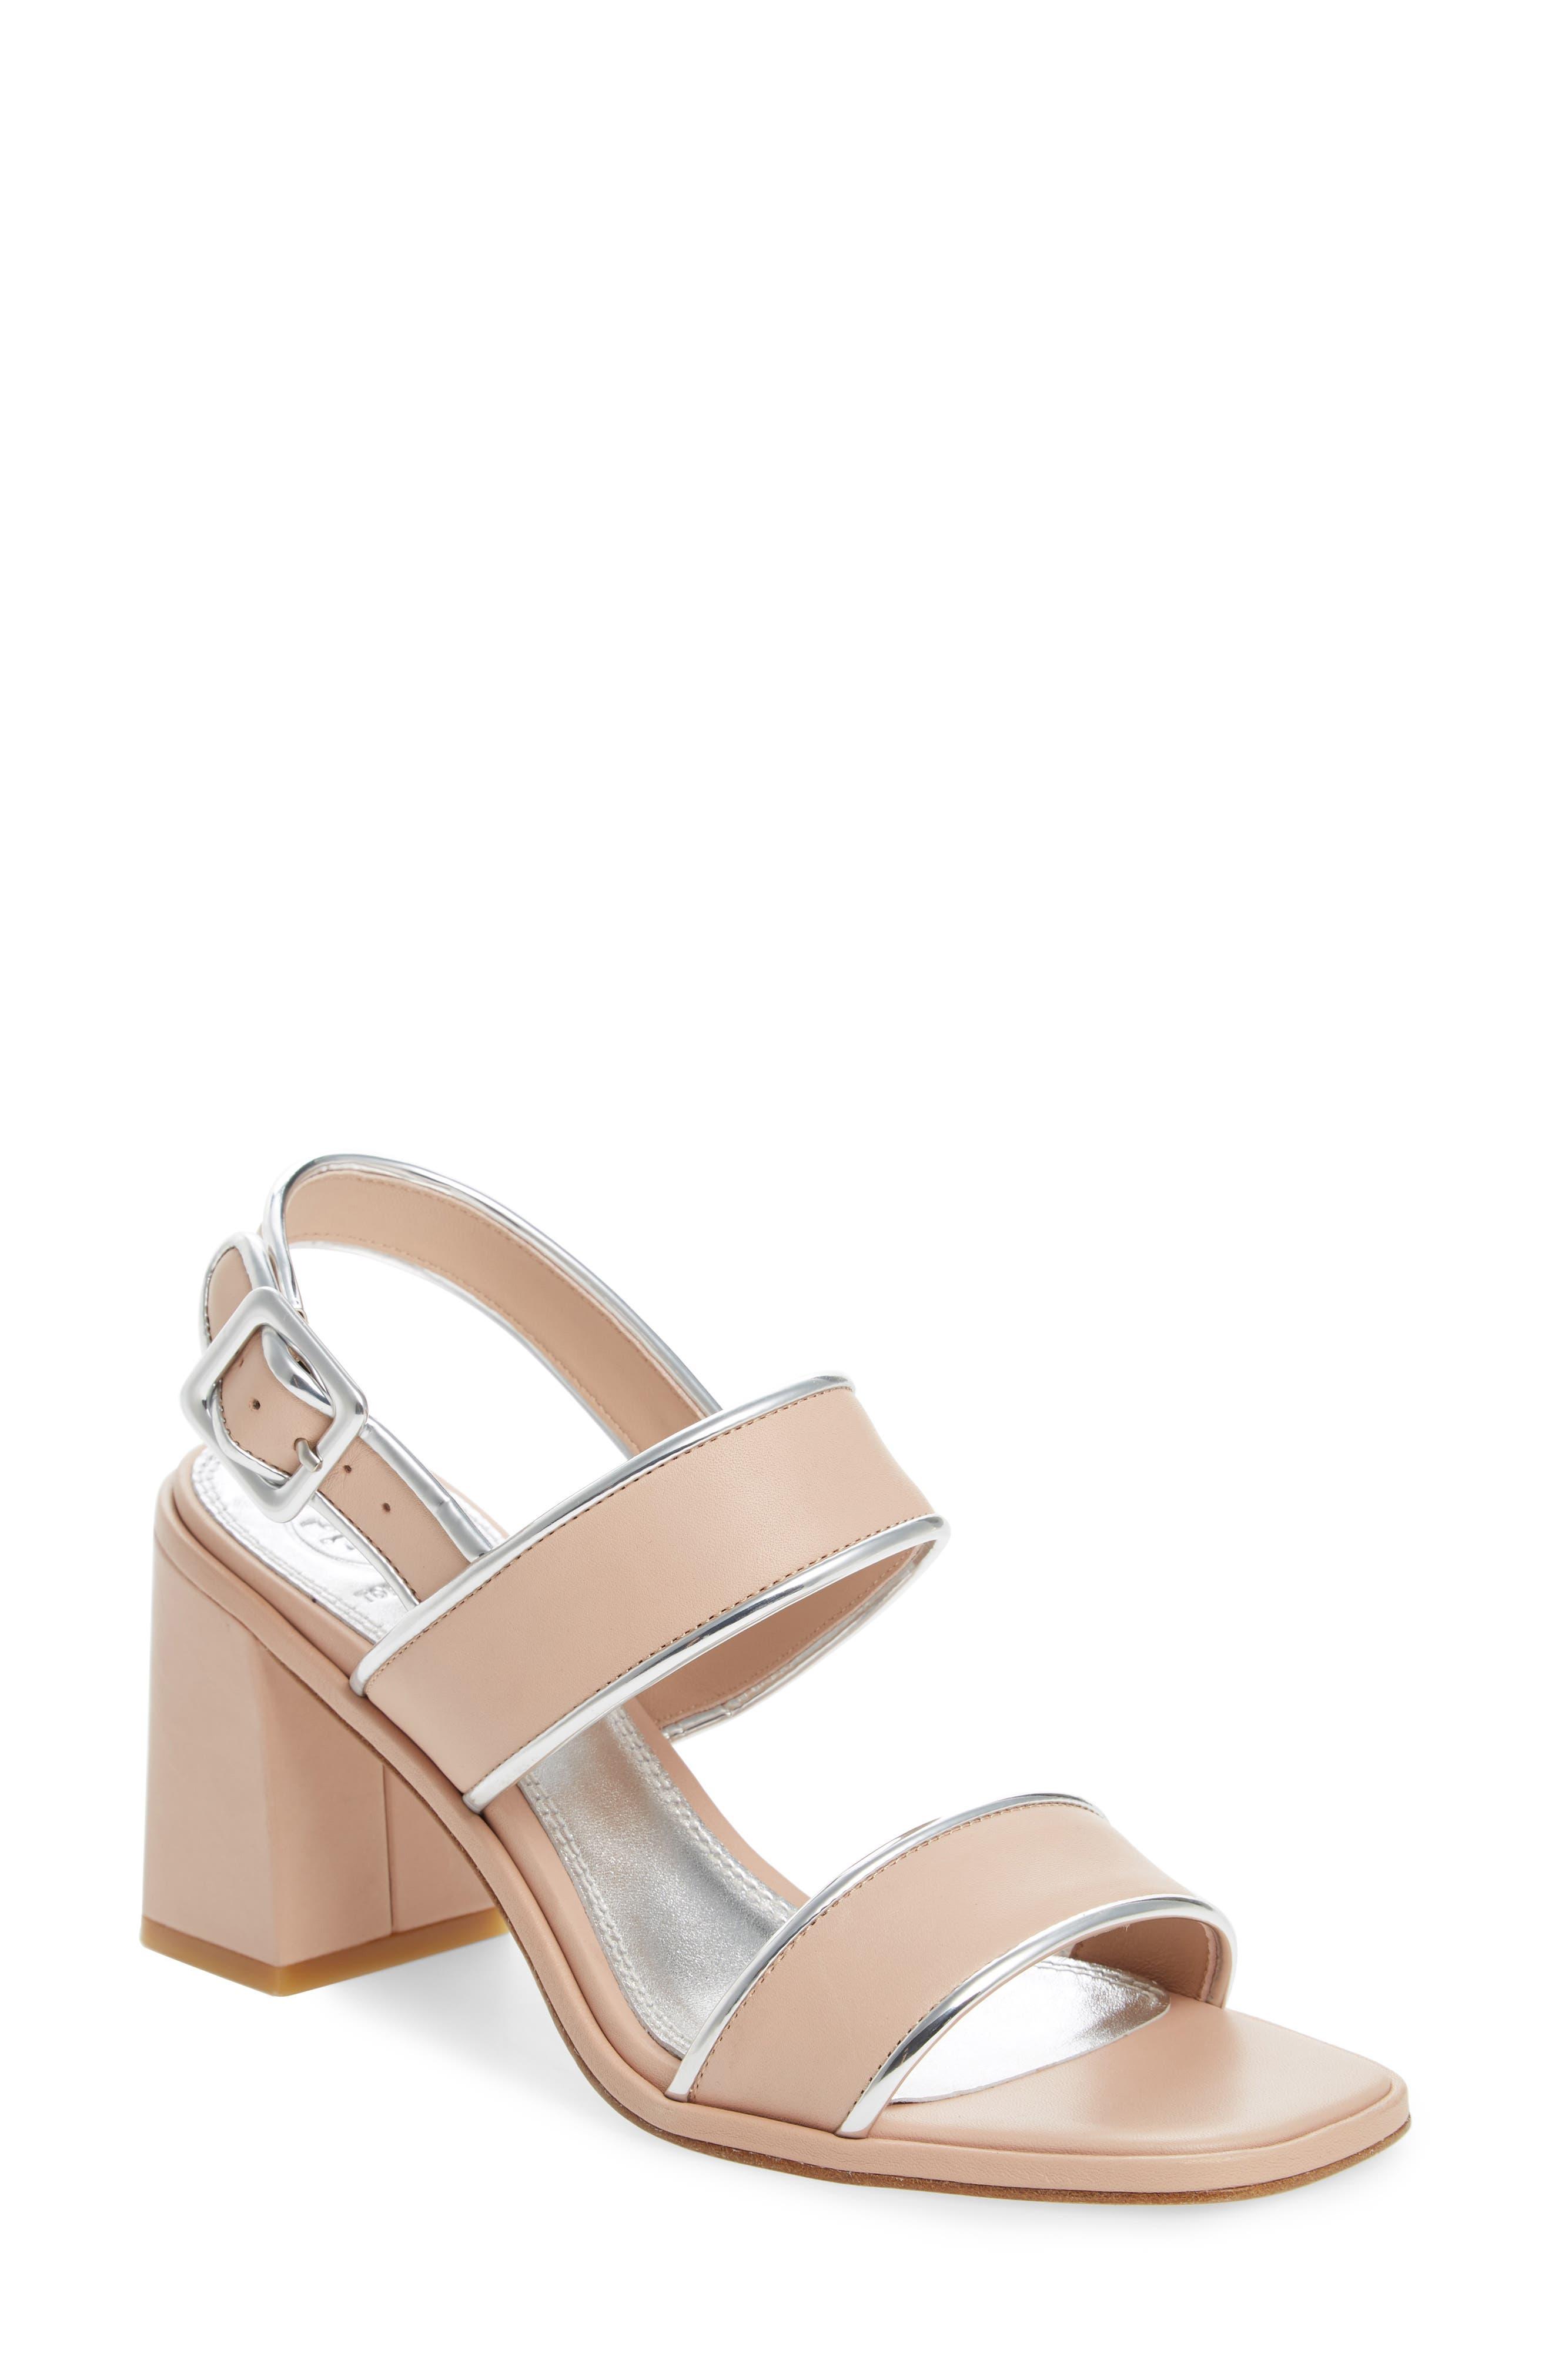 Delaney Double Strap Sandal,                             Main thumbnail 2, color,